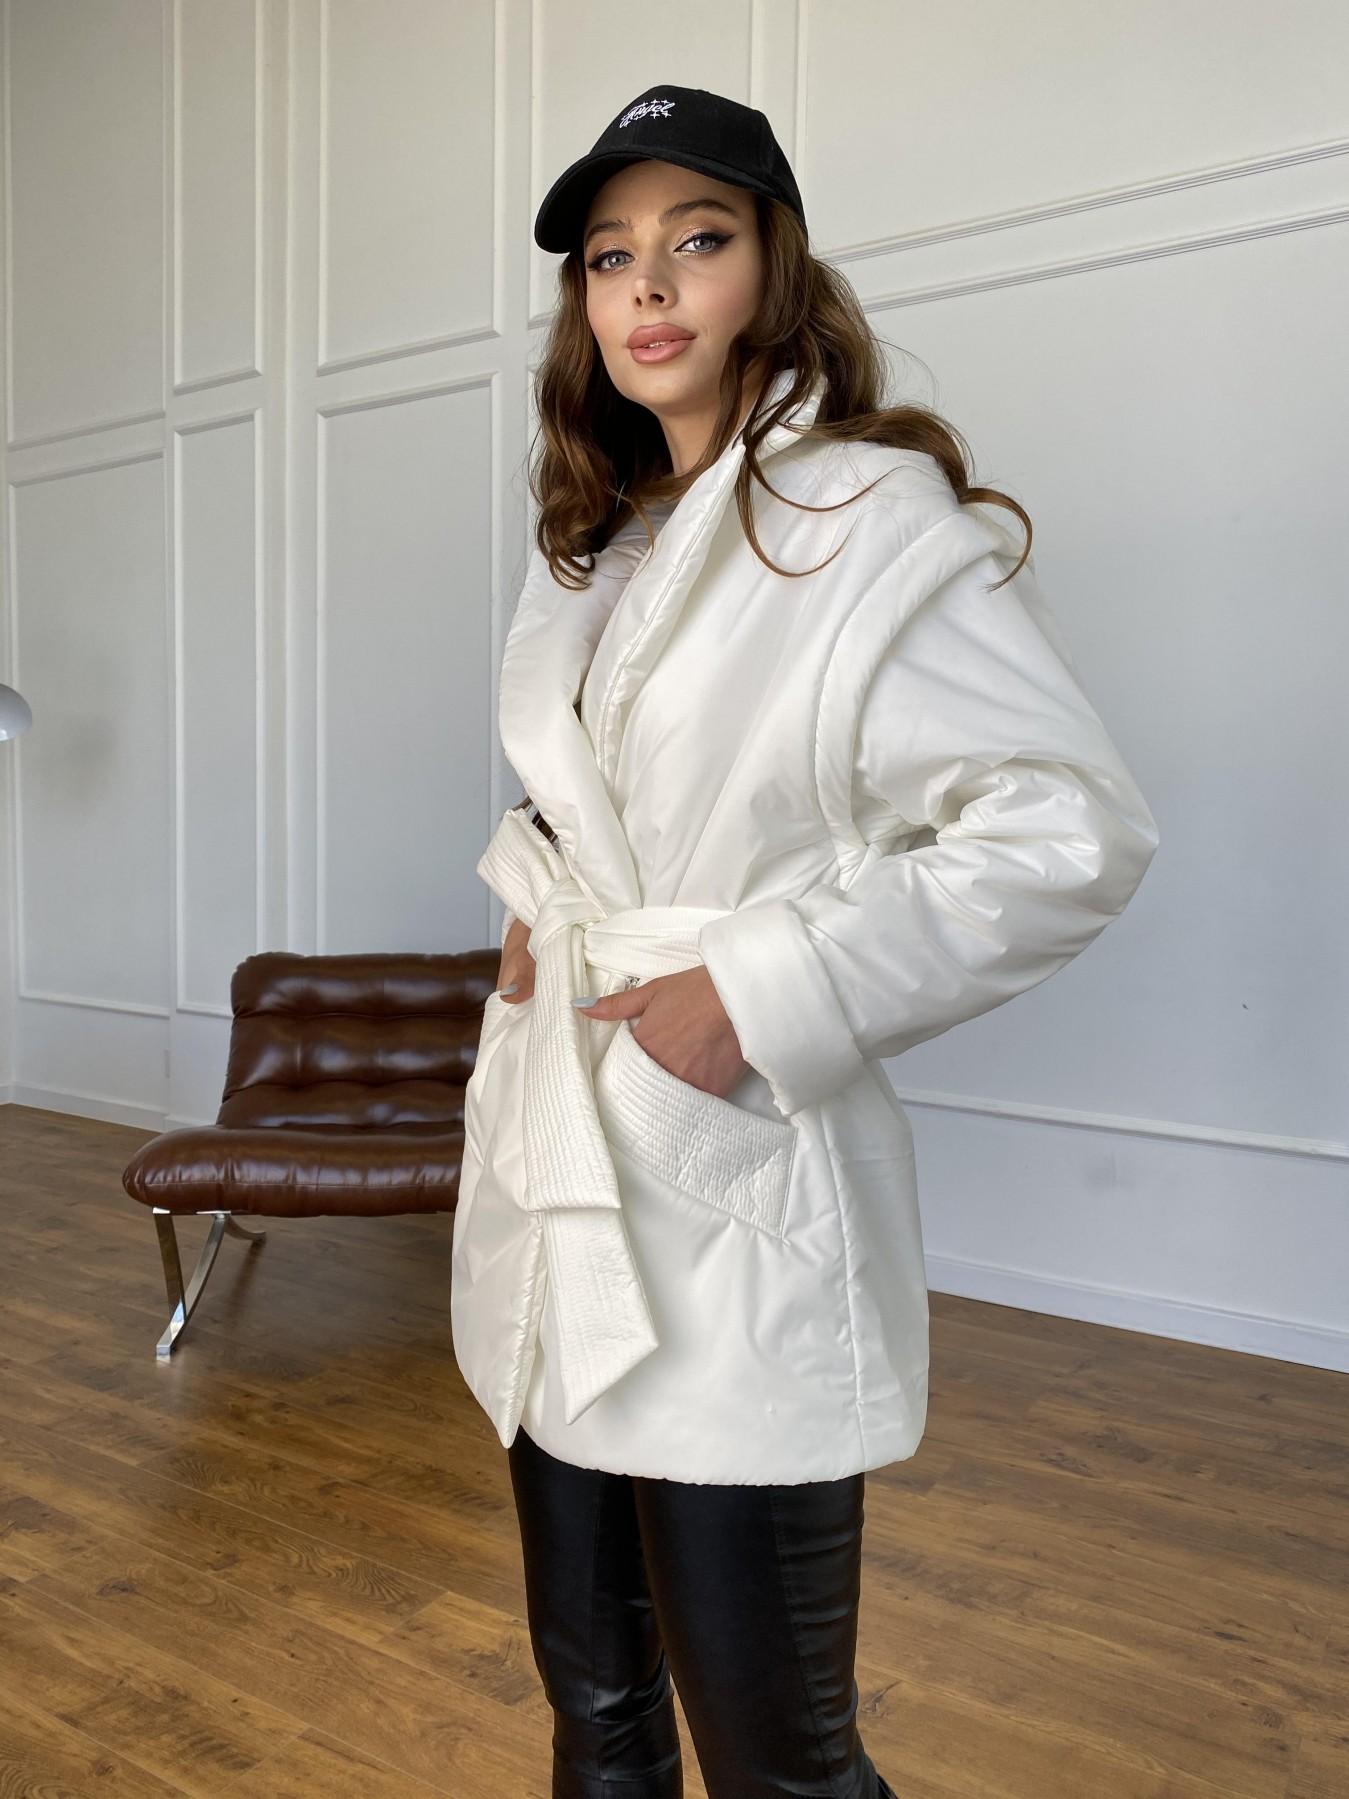 Форбс куртка-жилет из плащевой ткани Ammy  11159 АРТ. 47659 Цвет: Молоко 12 - фото 6, интернет магазин tm-modus.ru